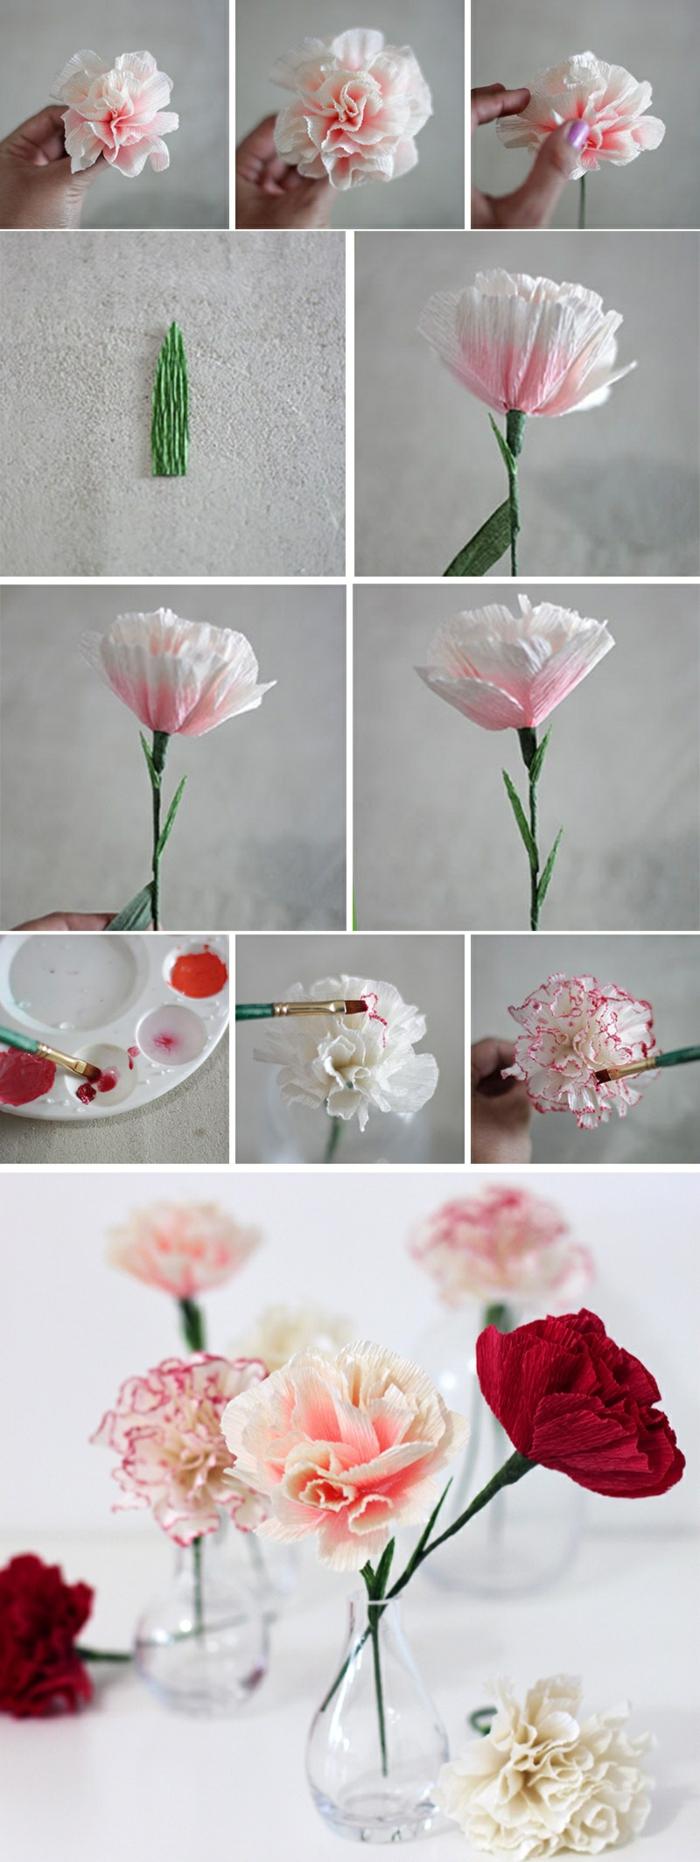 glasvase mit glumen, diy nelken aus papier selber machen